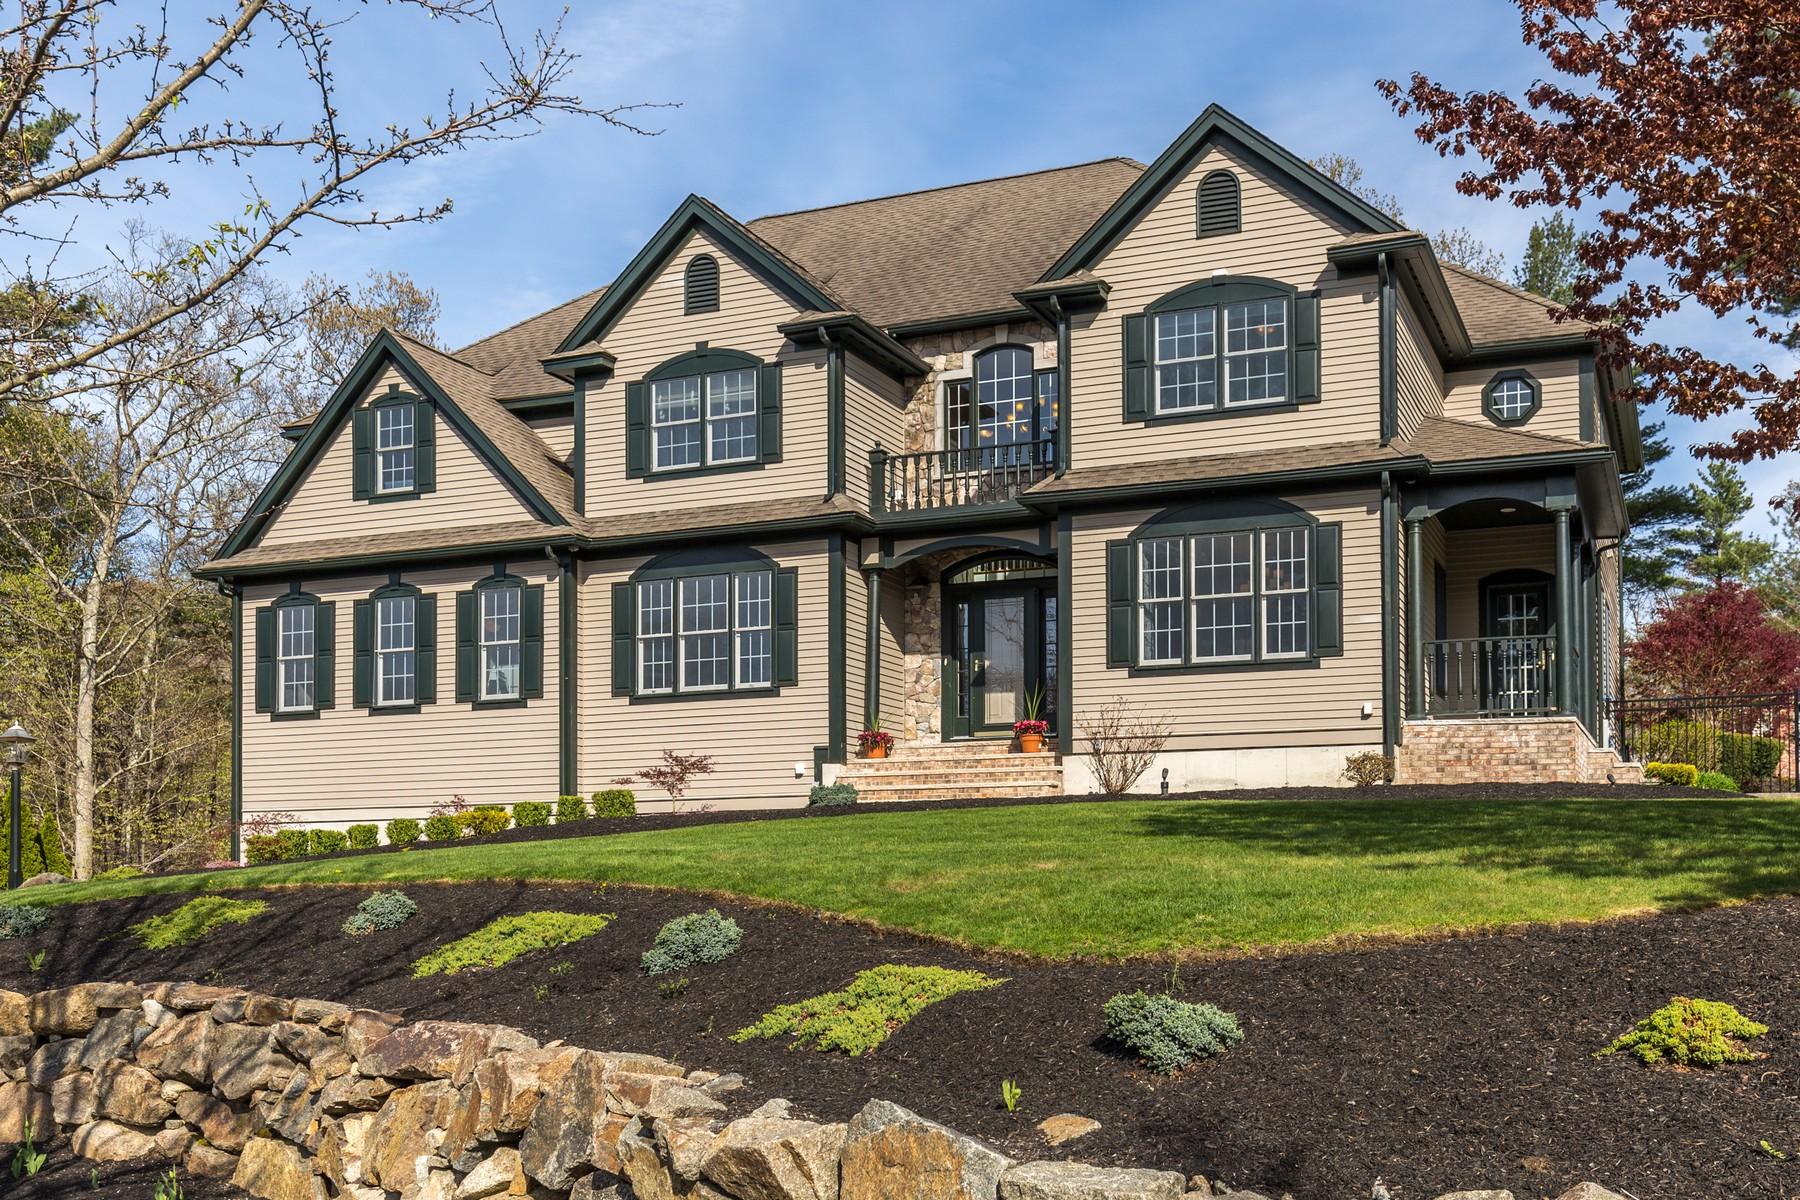 Casa para uma família para Venda às Inviting Beverly Cove Colonial 11 Birch Woods Drive Beverly, Massachusetts 01915 Estados Unidos